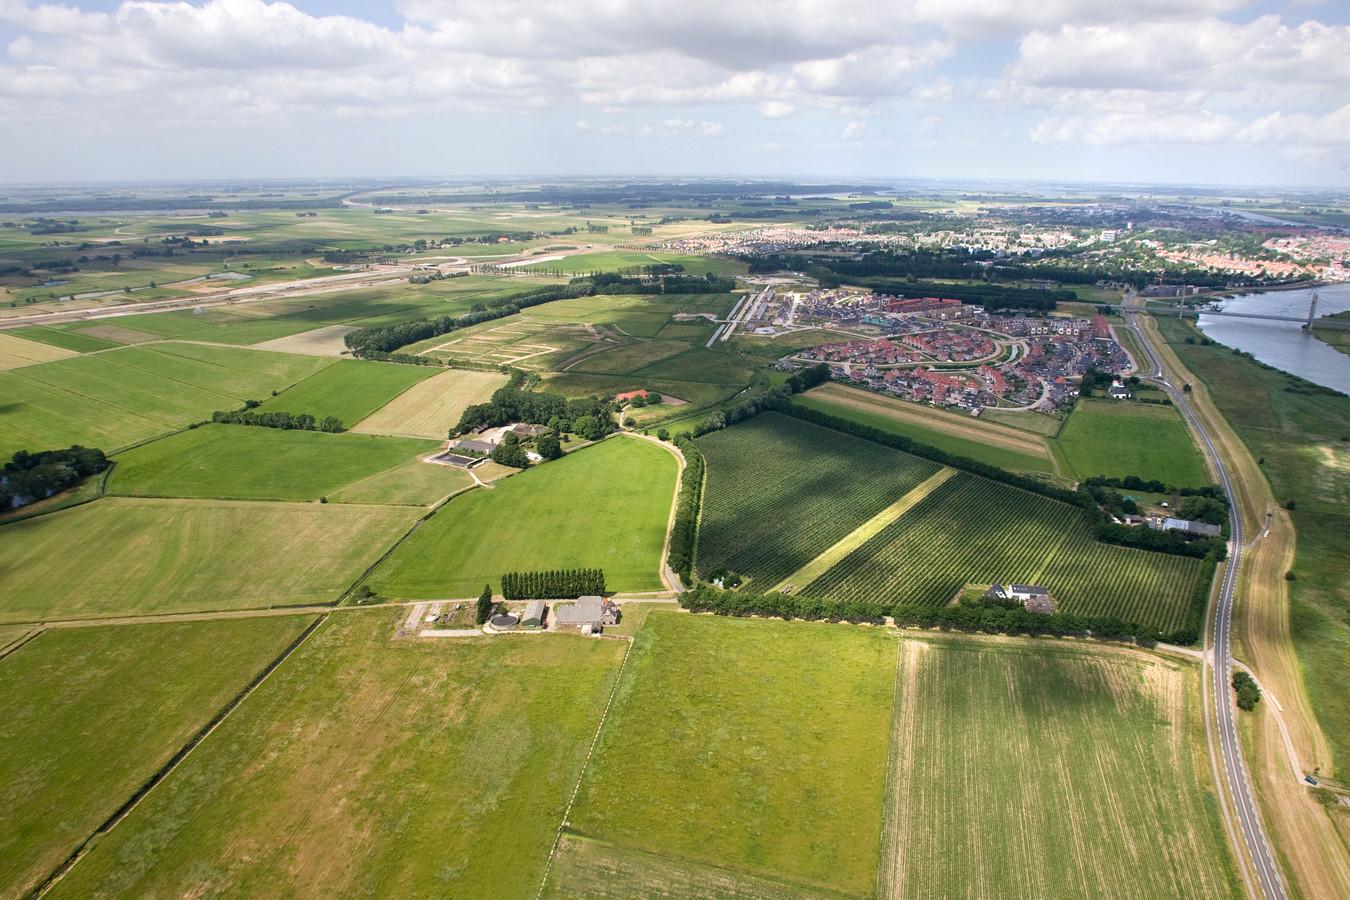 Het gebied ten zuiden van Kampen is in juni 2006 nog een aaneenschakeling van weilanden. Hier komt de hoogwatergeul, die overtollig IJsselwater afvoert richting het Drontermeer.